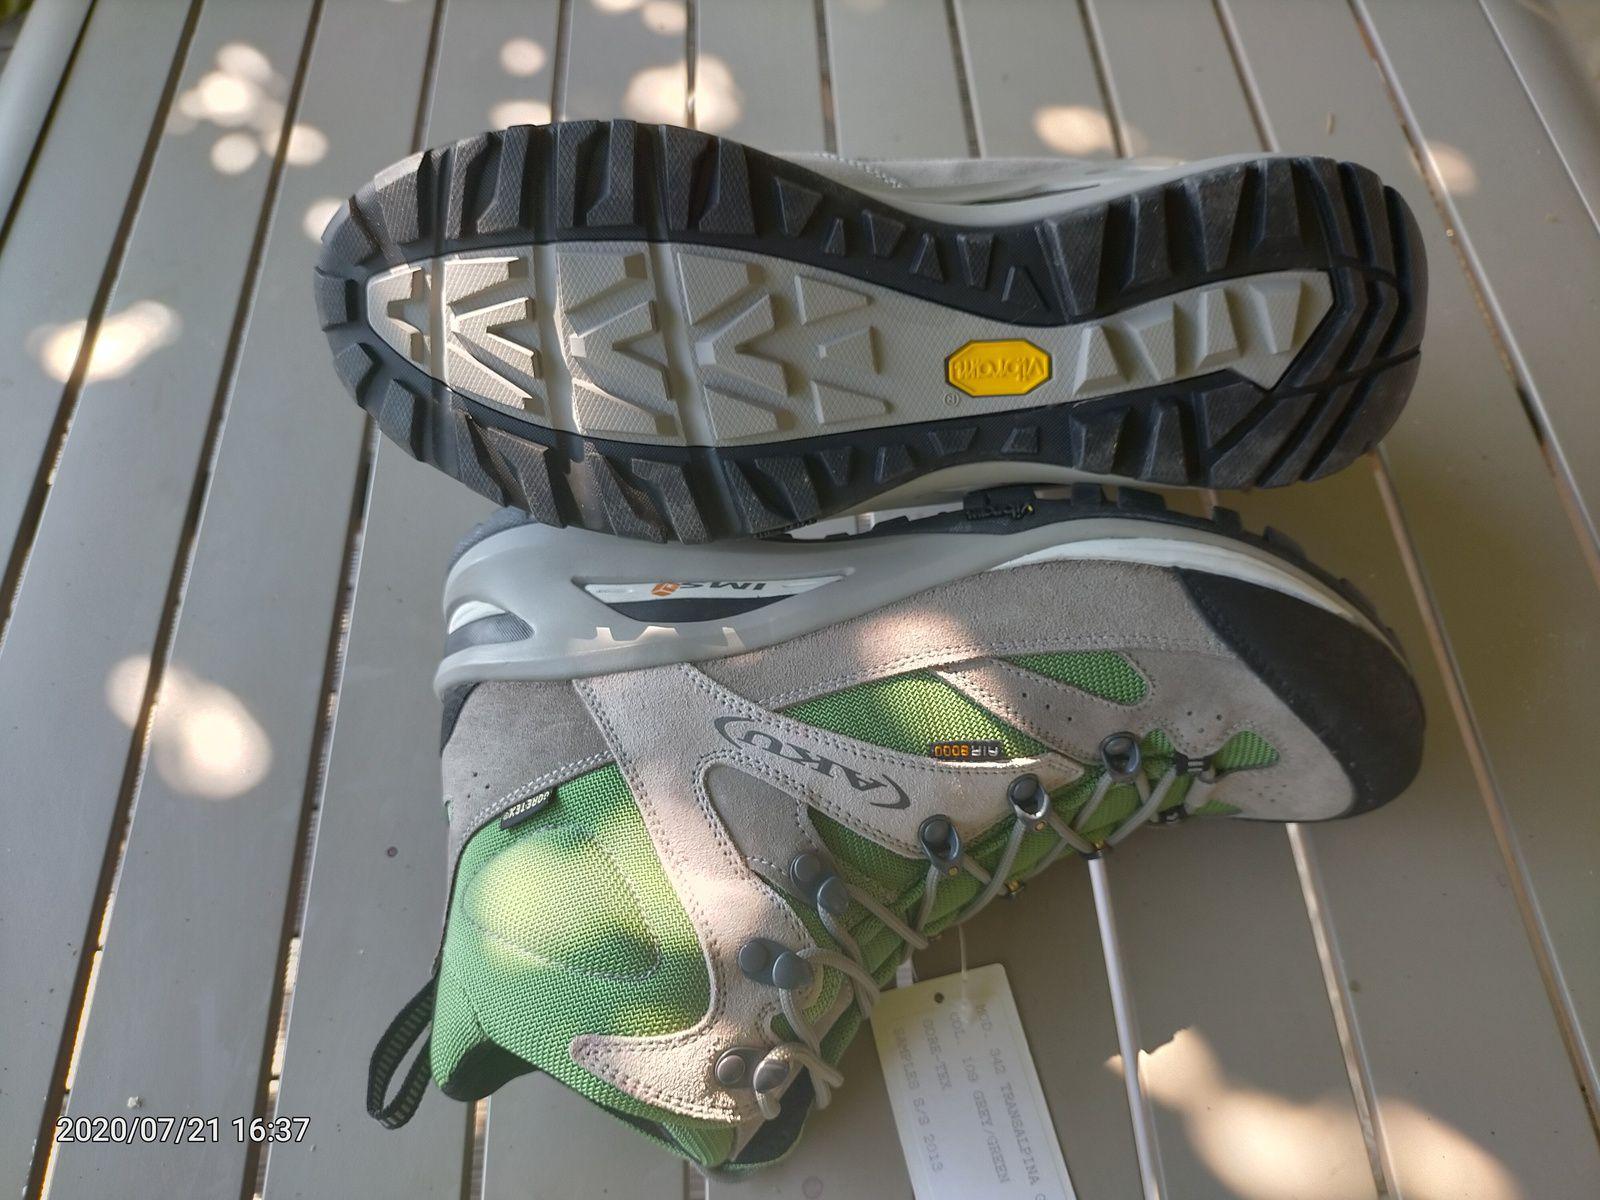 Chaussure de marche neuves, pointure 8 UK, (42) doublure Goretex , semelle Vibram, bon amortie, neuves. 100€